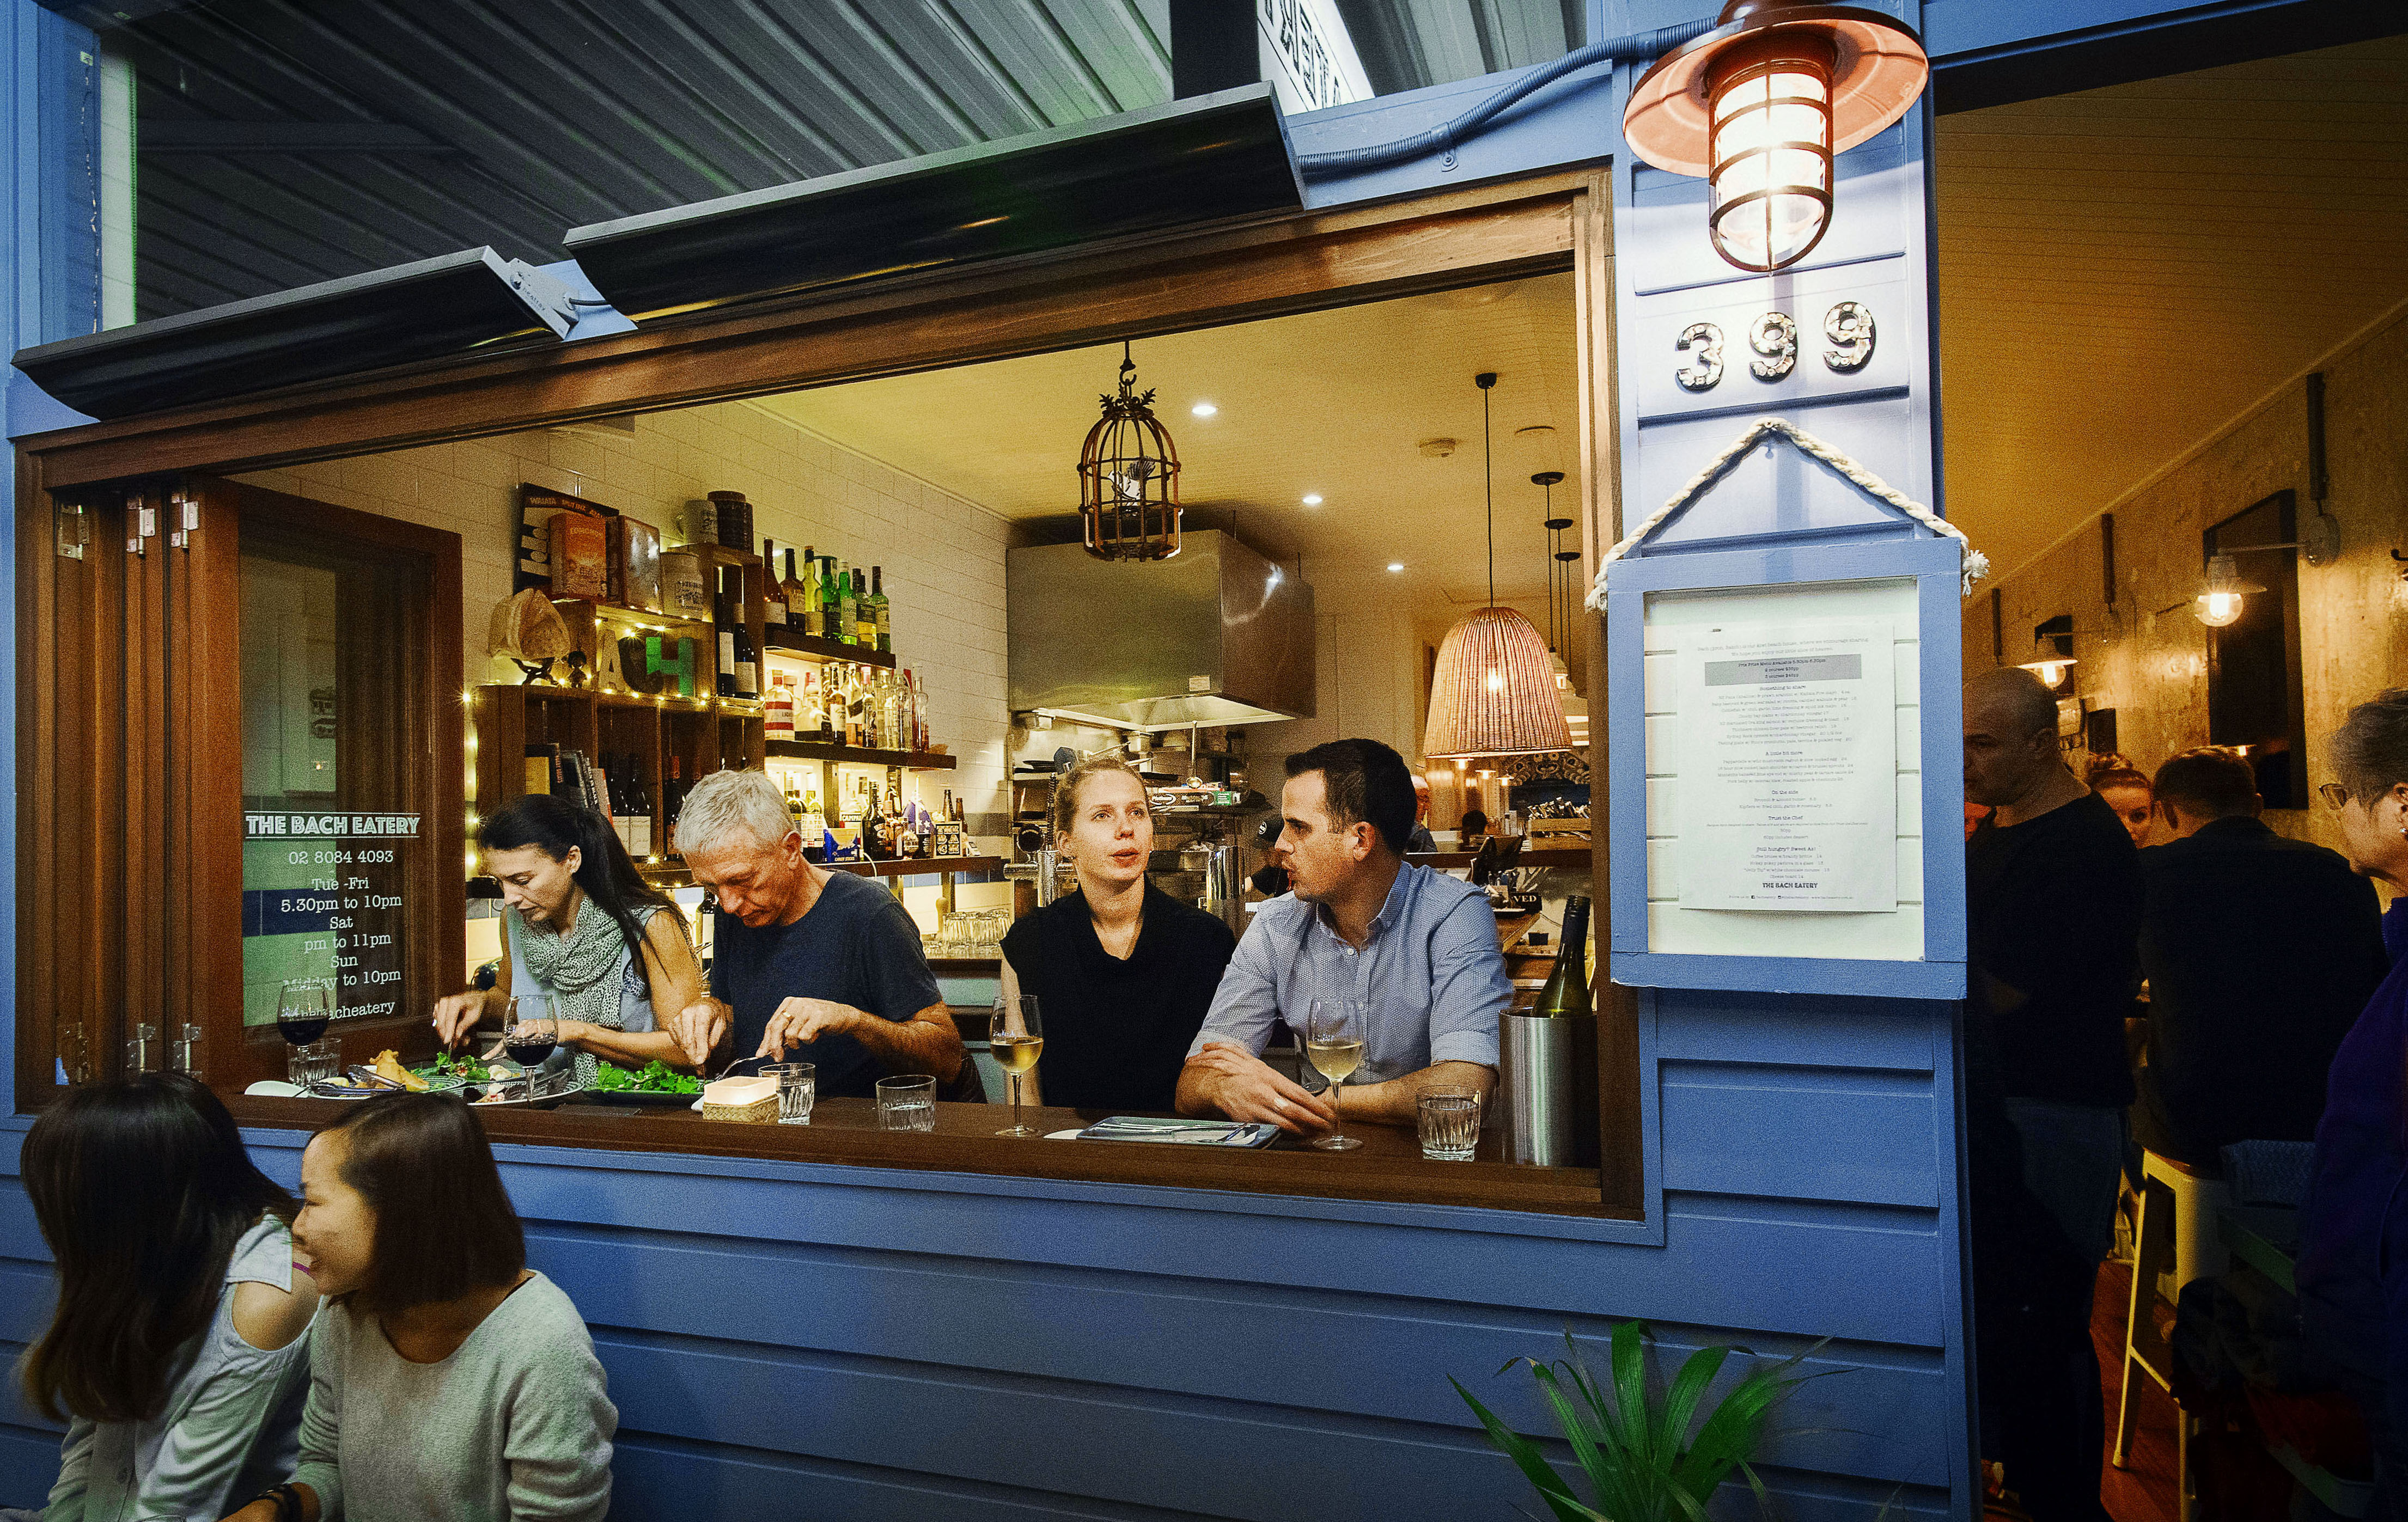 Modern Restaurant and Bar in Newtown- 5 days